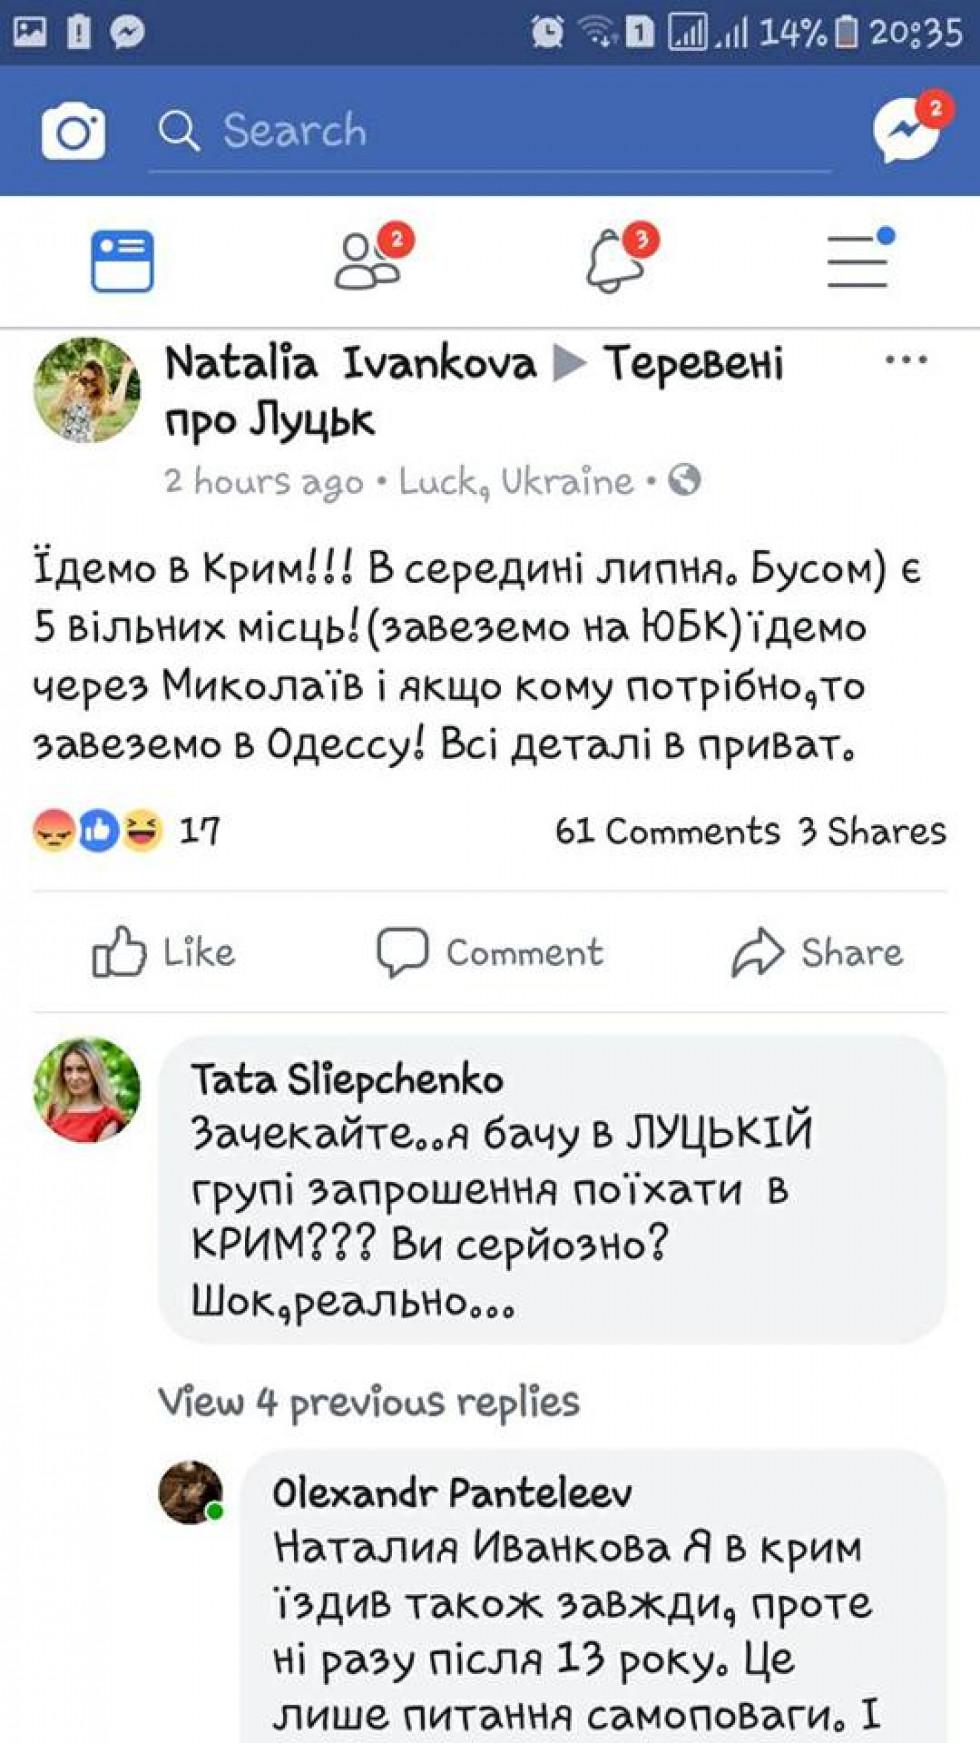 Допис про запрошення до Криму